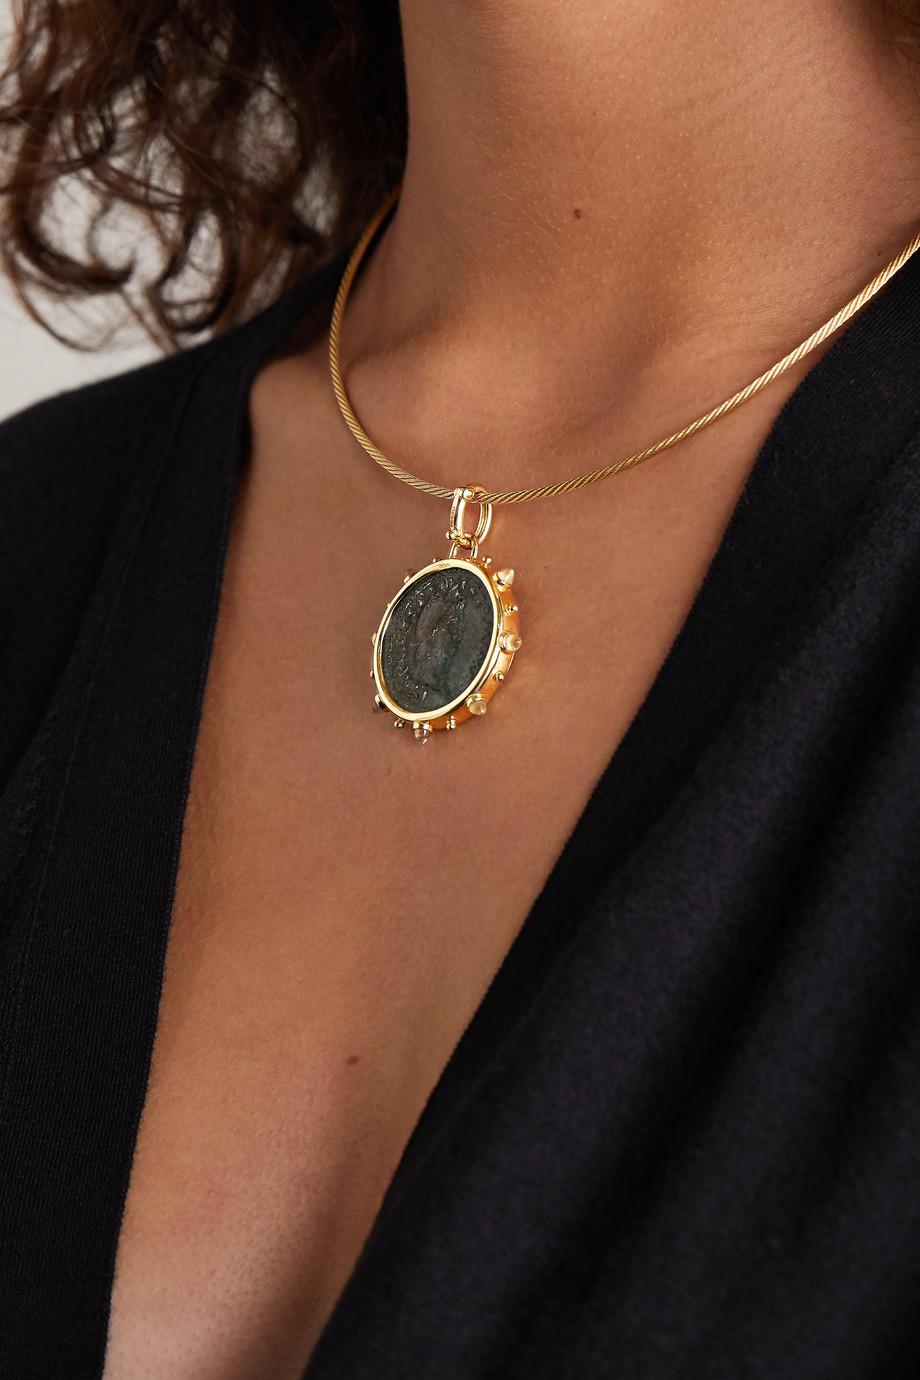 Dubini Nero 18-karat gold, bronze and moonstone choker